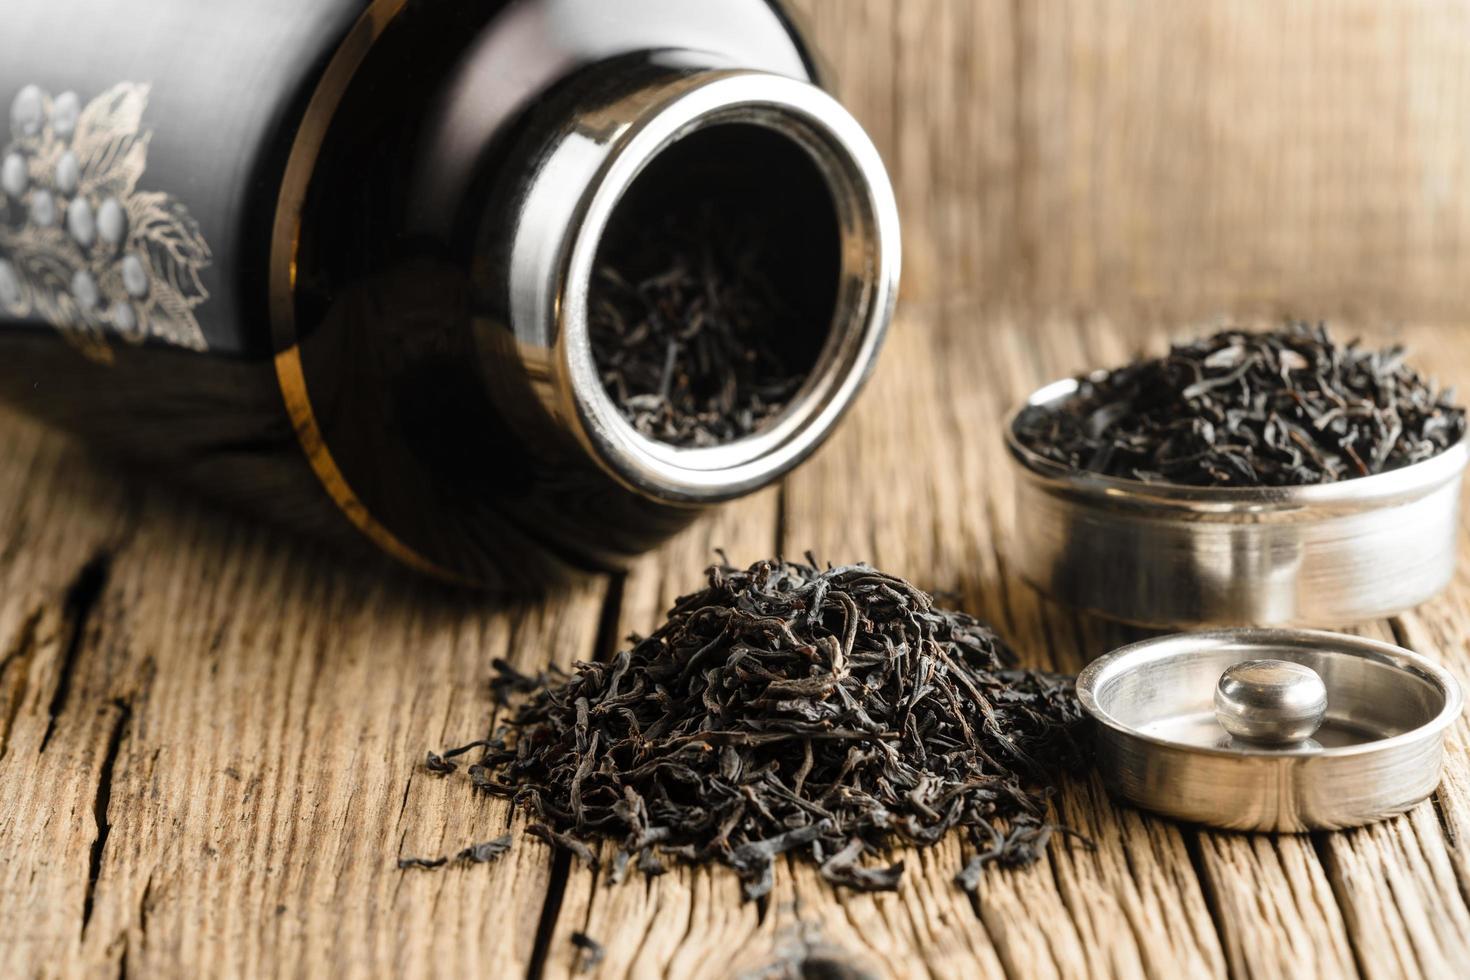 grande foglia di tè nero sul vecchio tavolo rustico in legno foto